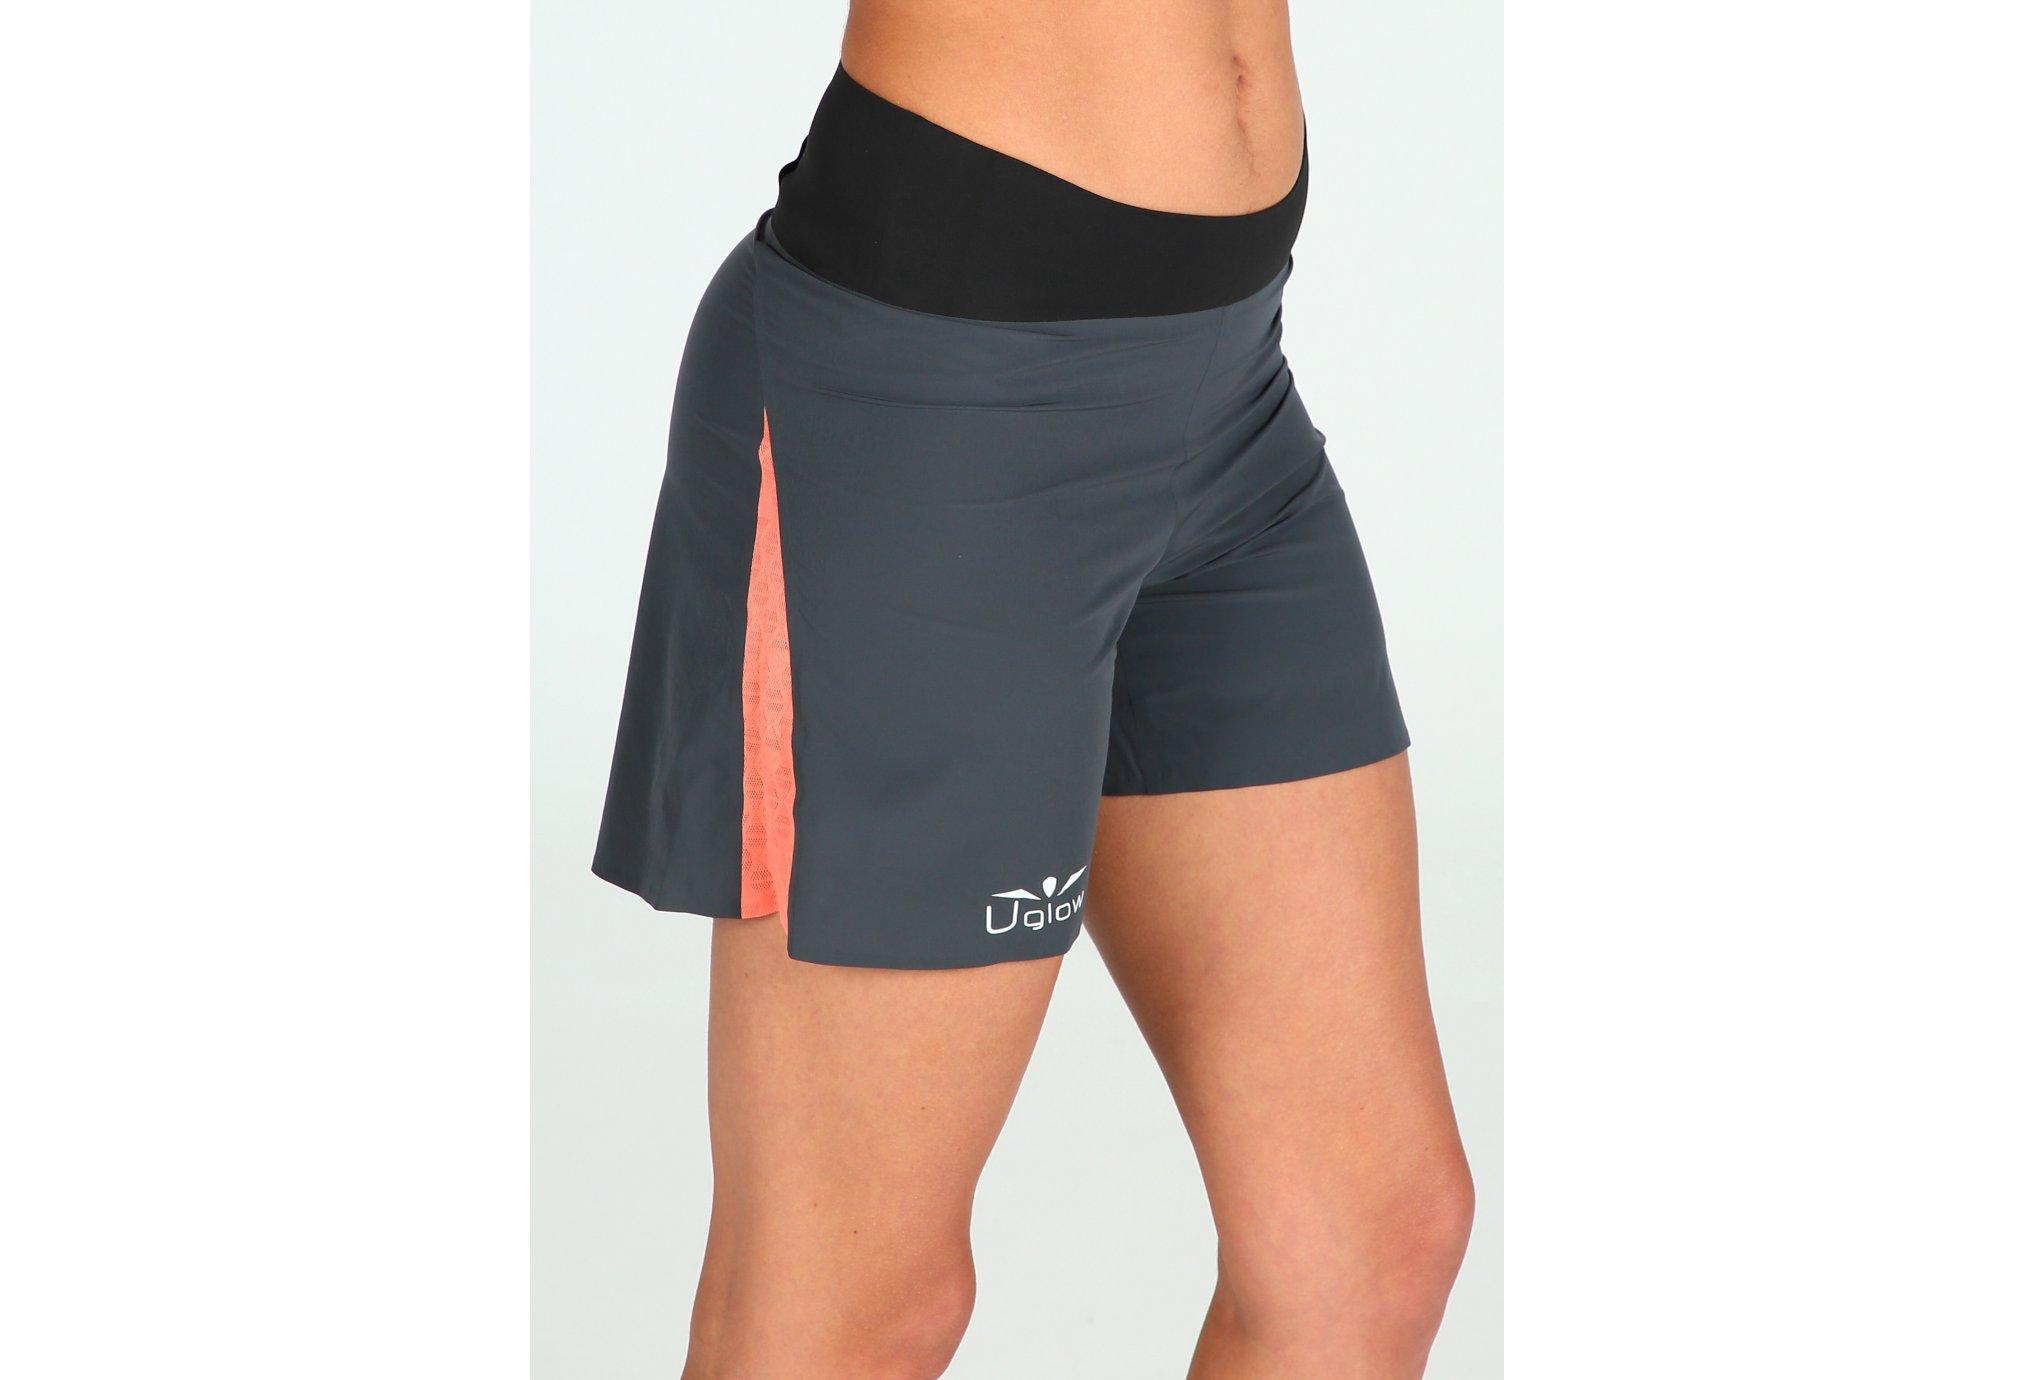 Uglow Ultra 5'' W Diététique Vêtements femme